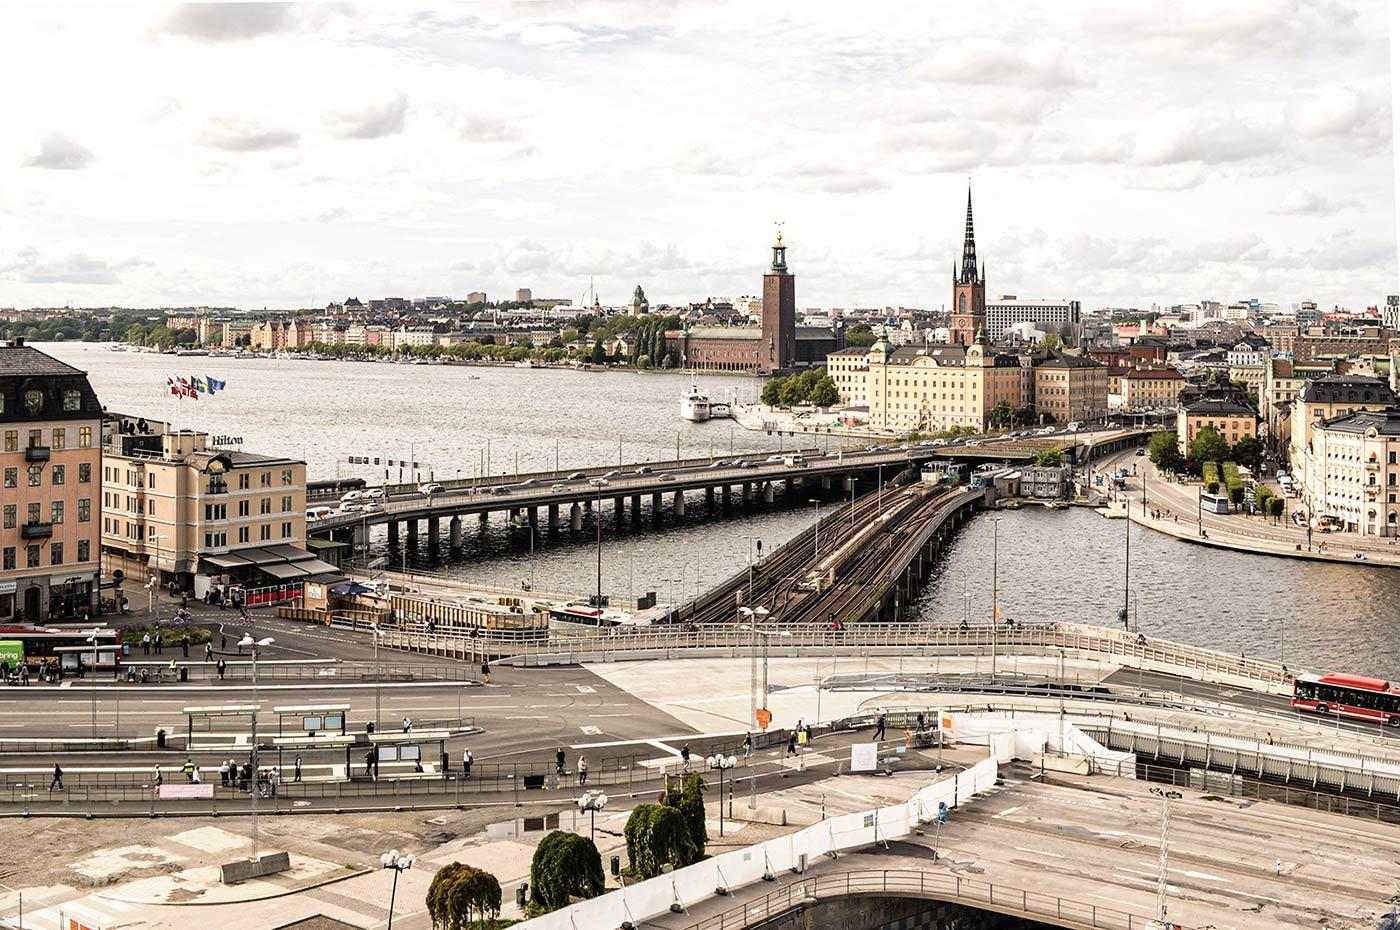 Stockholm ist die Hauptstadt von Schweden und gilt auch als die Hauptstadt von ganz Skandinavien. Auf dem Gebäude links wehen die Flaggen der Länder von Skandinavien.